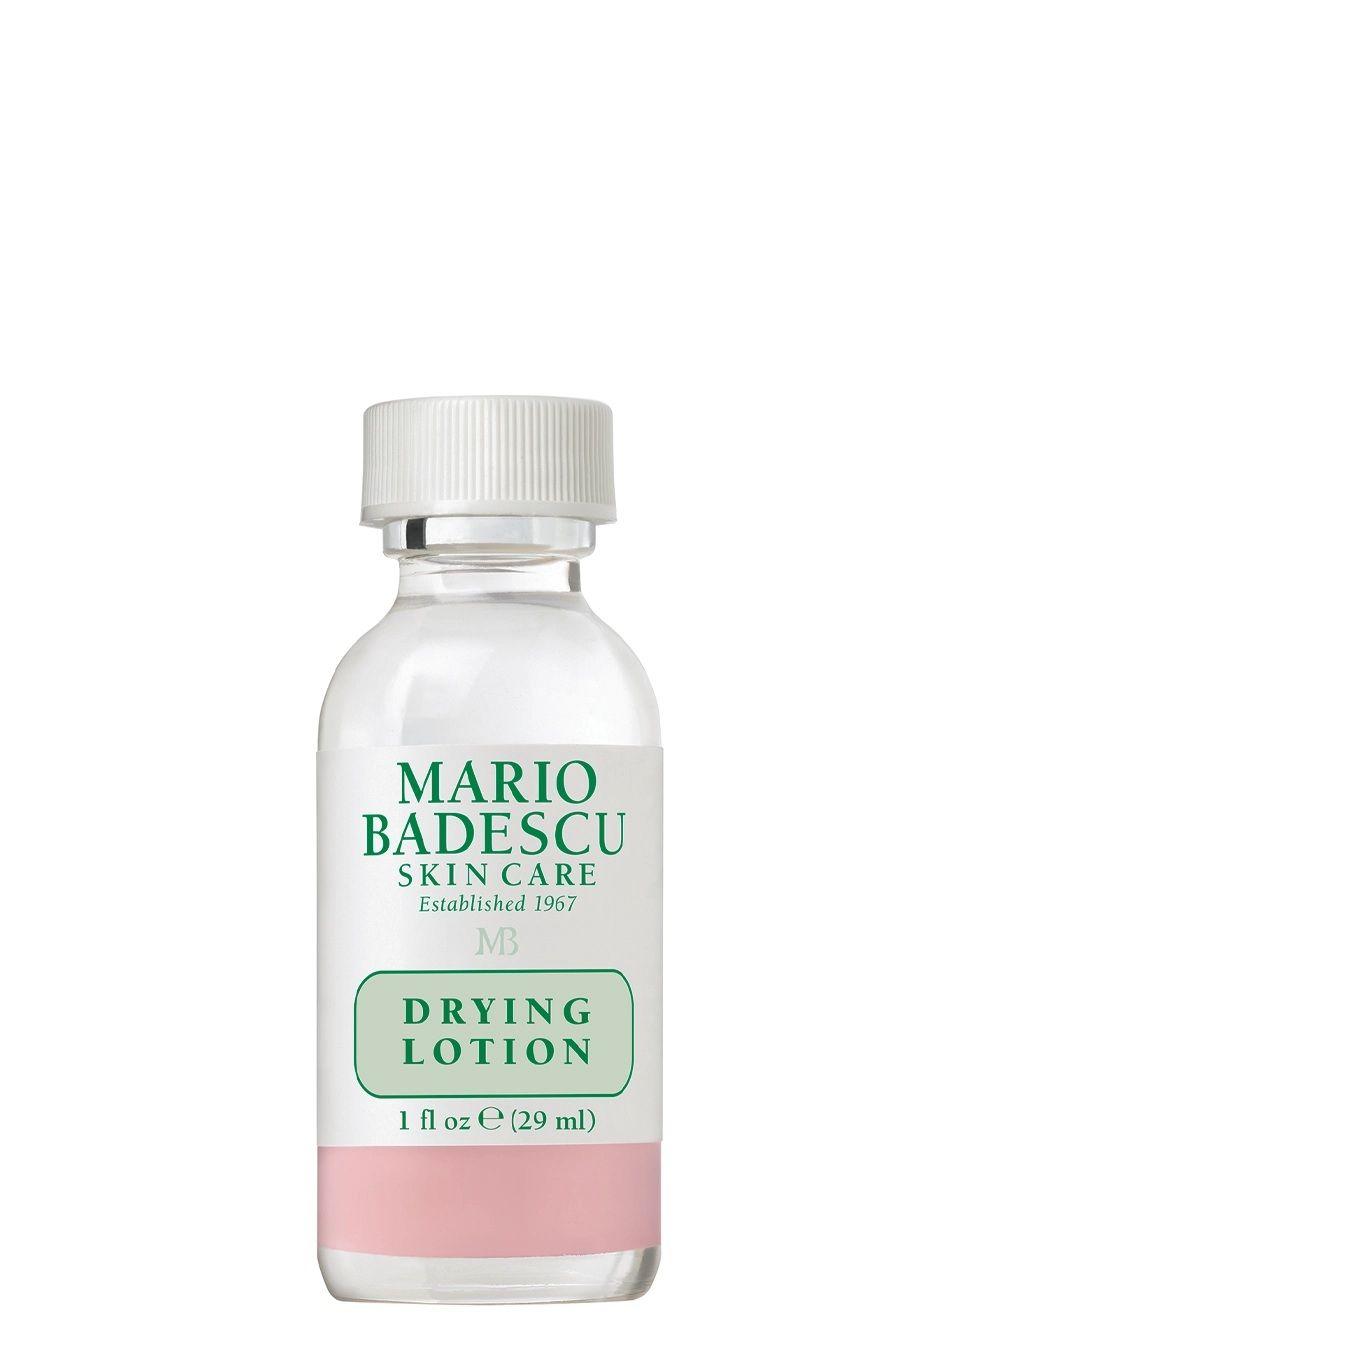 Mario Badescu Skin Care Made In Usa In 2020 Mario Badescu Skin Care Mario Badescu Skin Care